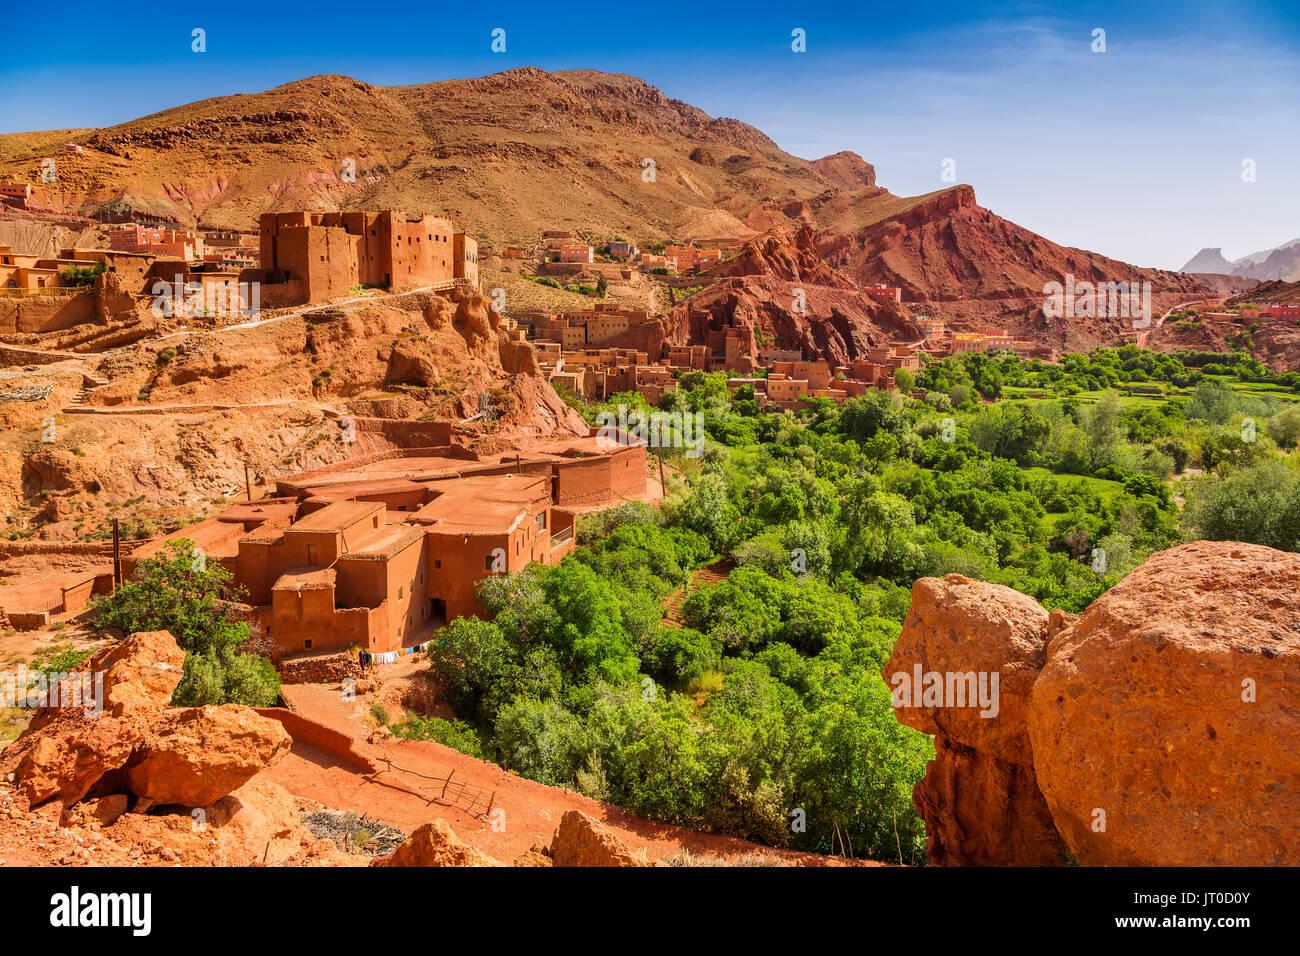 Vallée du Dadès, Gorges du Dadès, Haut Atlas. Le Maroc, Maghreb, Afrique du Nord Photo Stock